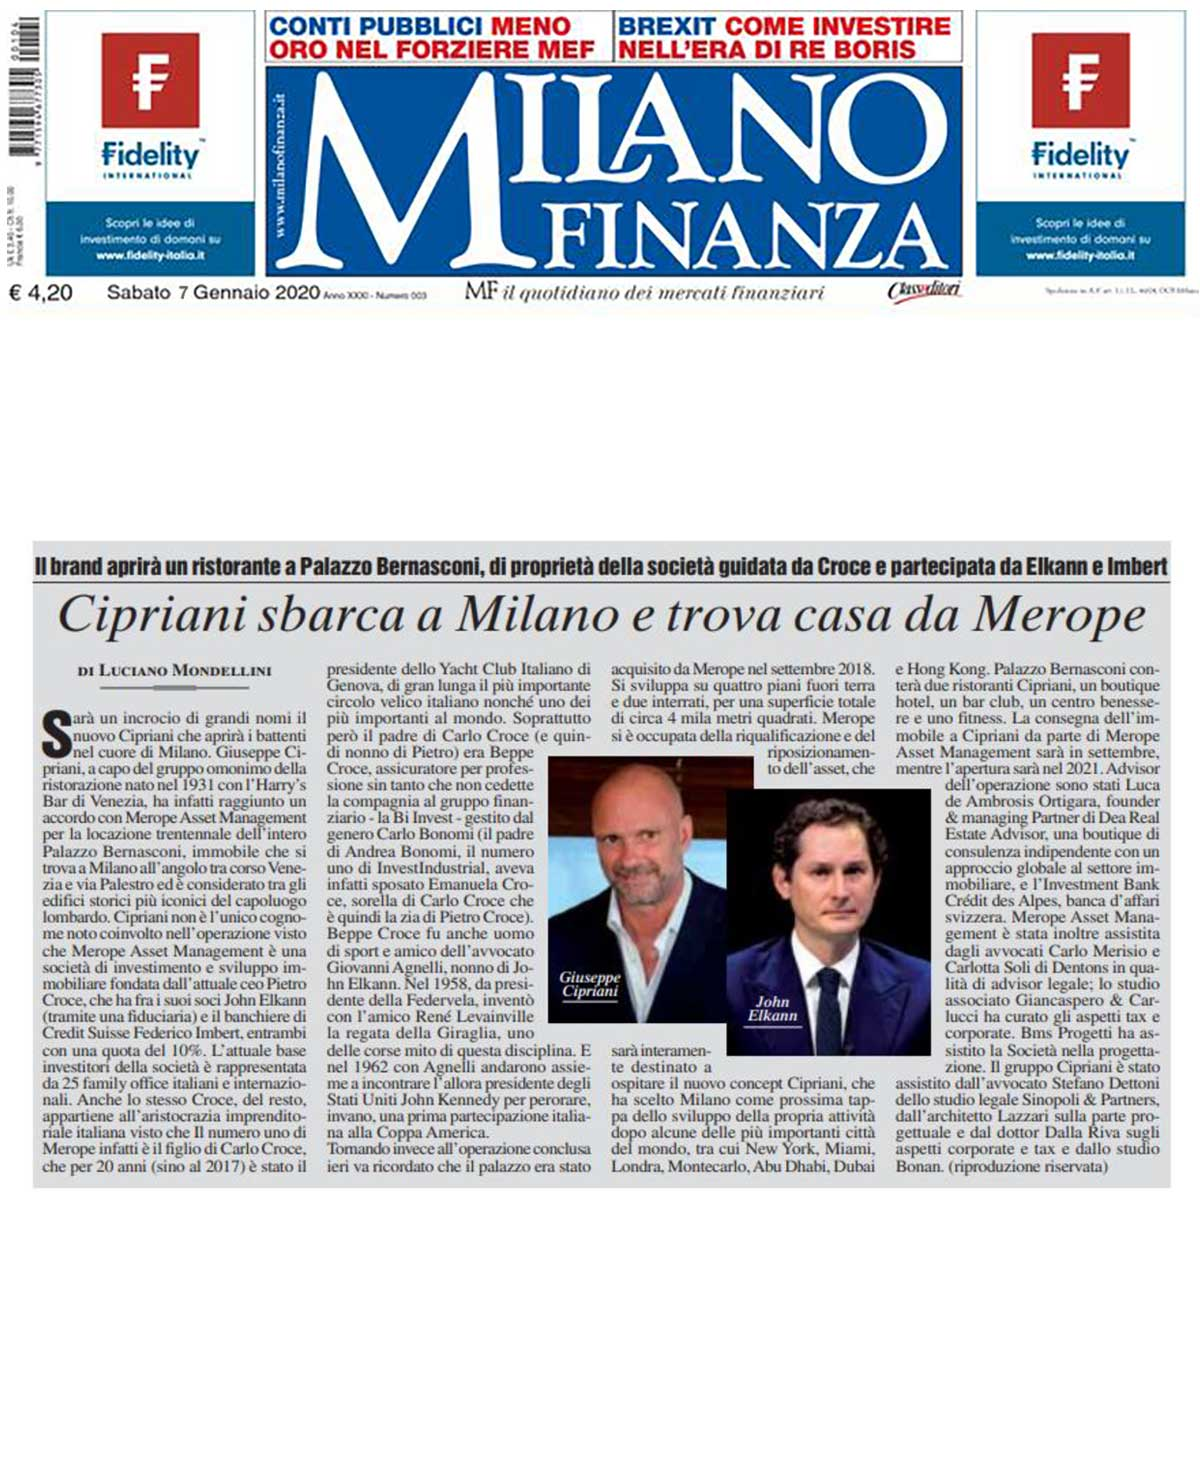 milano_finanza-2020-01-07-Cipriani-Merope